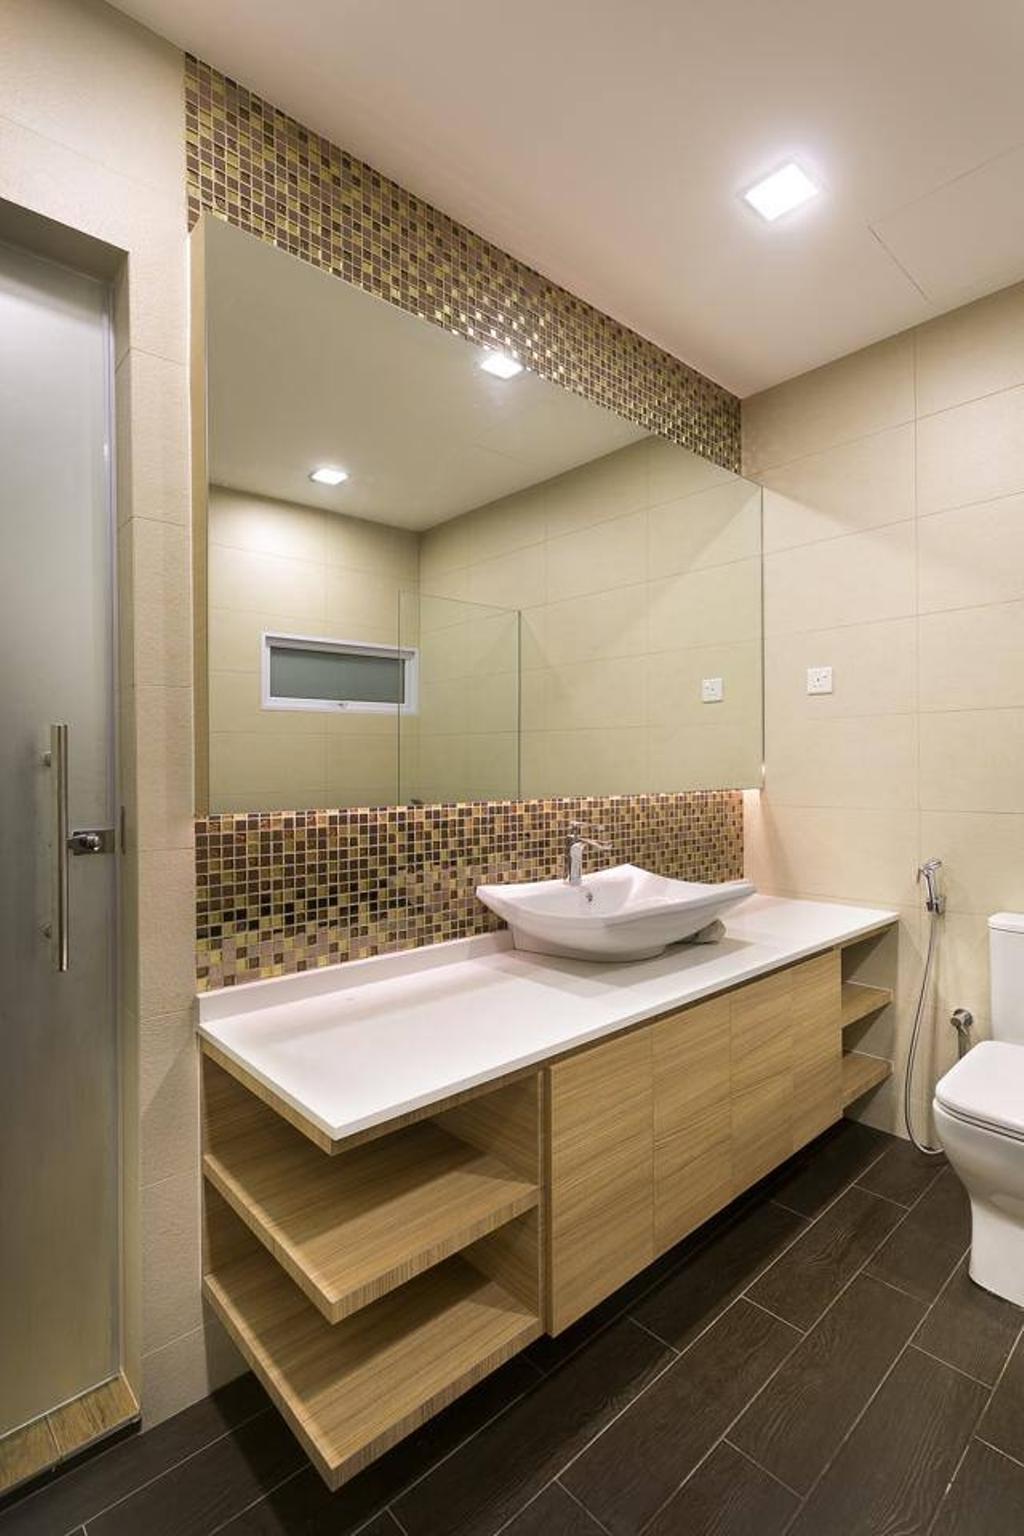 Traditional, Landed, Bathroom, Jalan Terang Bulan, Interior Designer, Fineline Design, Down Lights, Wood Cabinets, Floor Tiles, Indoors, Interior Design, Room, Sink, Bathtub, Tub